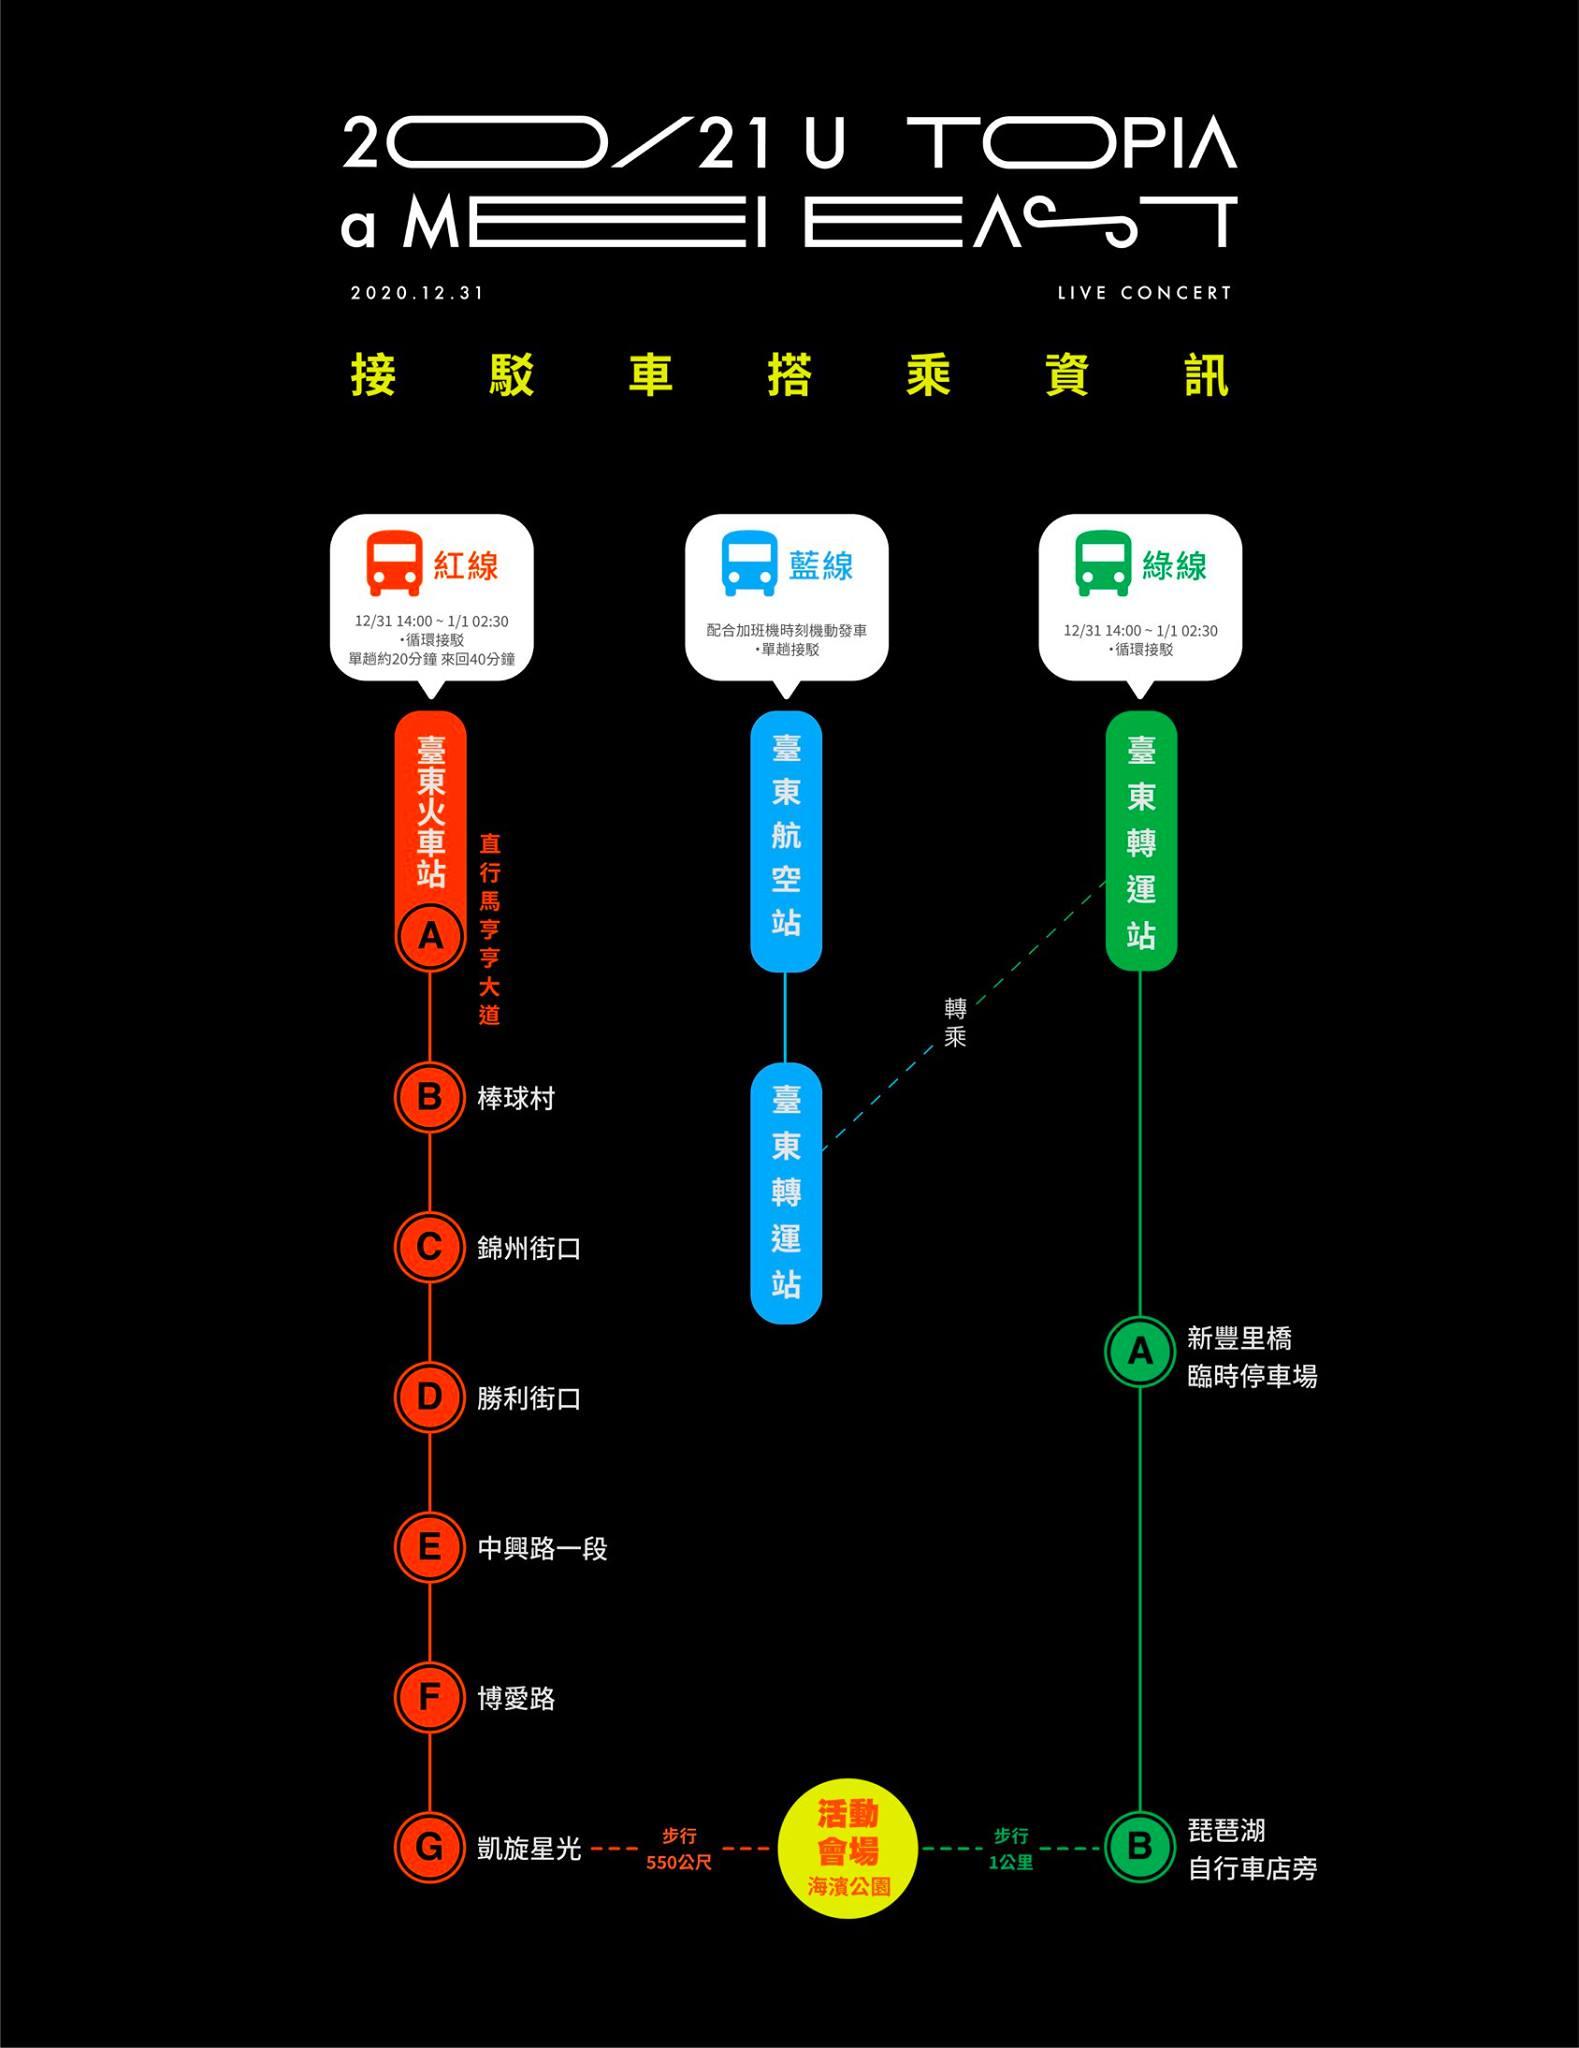 【2021台東縣阿妹跨年演唱會】節目表、交通接駁、實聯制、周邊商品攻略 - threeonelee.com